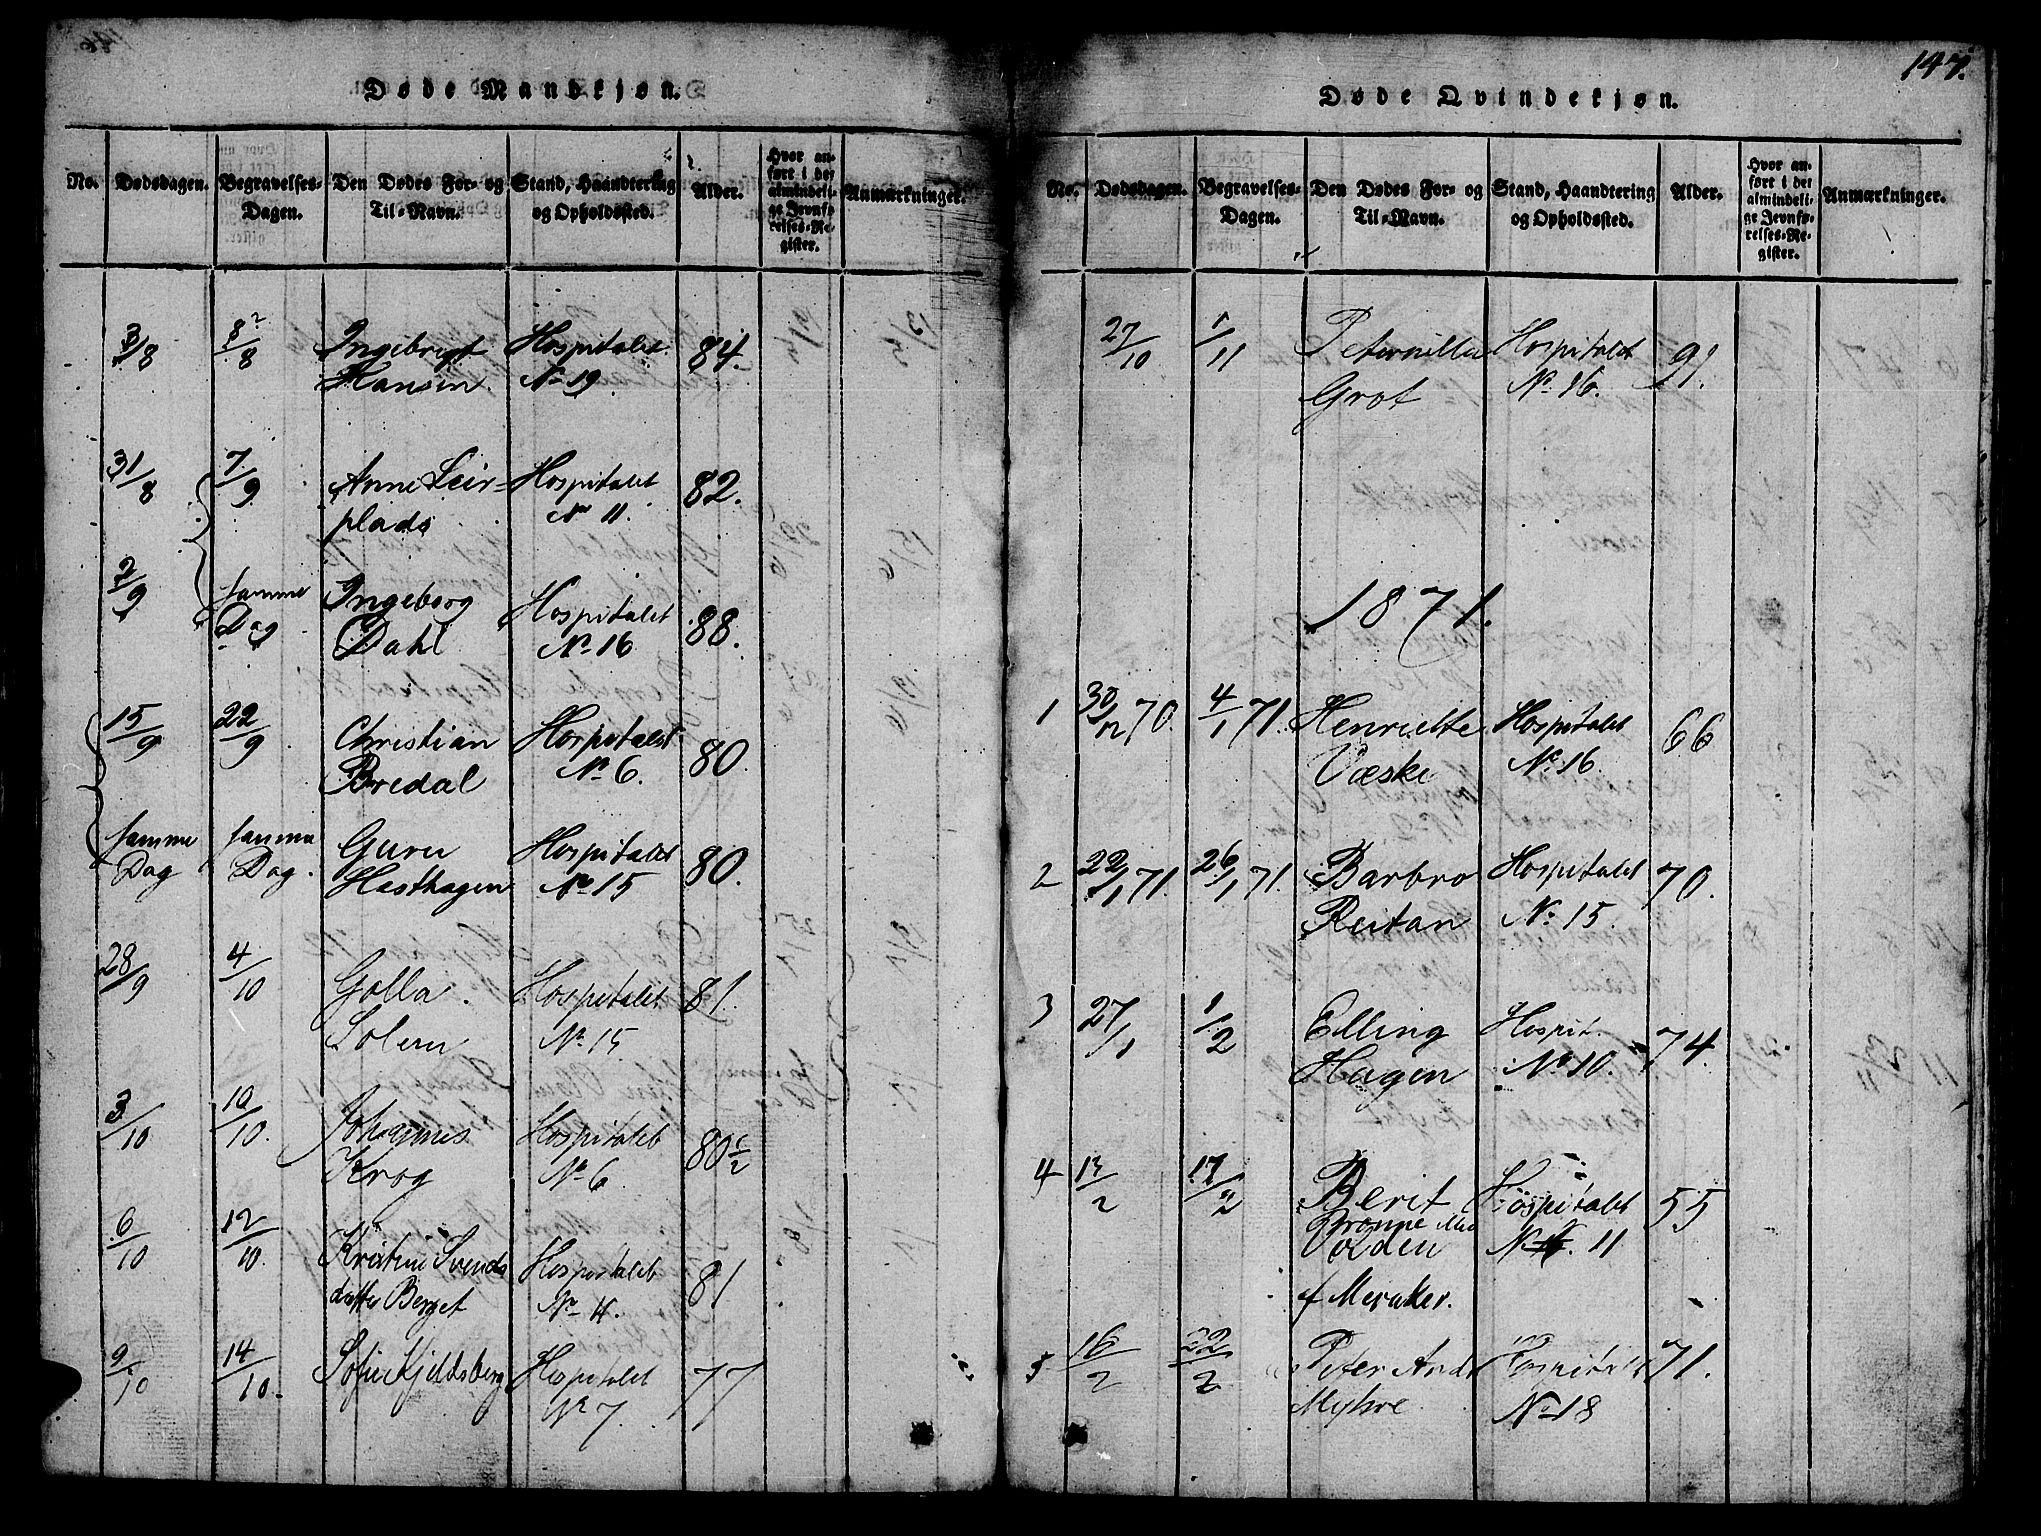 SAT, Ministerialprotokoller, klokkerbøker og fødselsregistre - Sør-Trøndelag, 623/L0478: Klokkerbok nr. 623C01, 1815-1873, s. 147